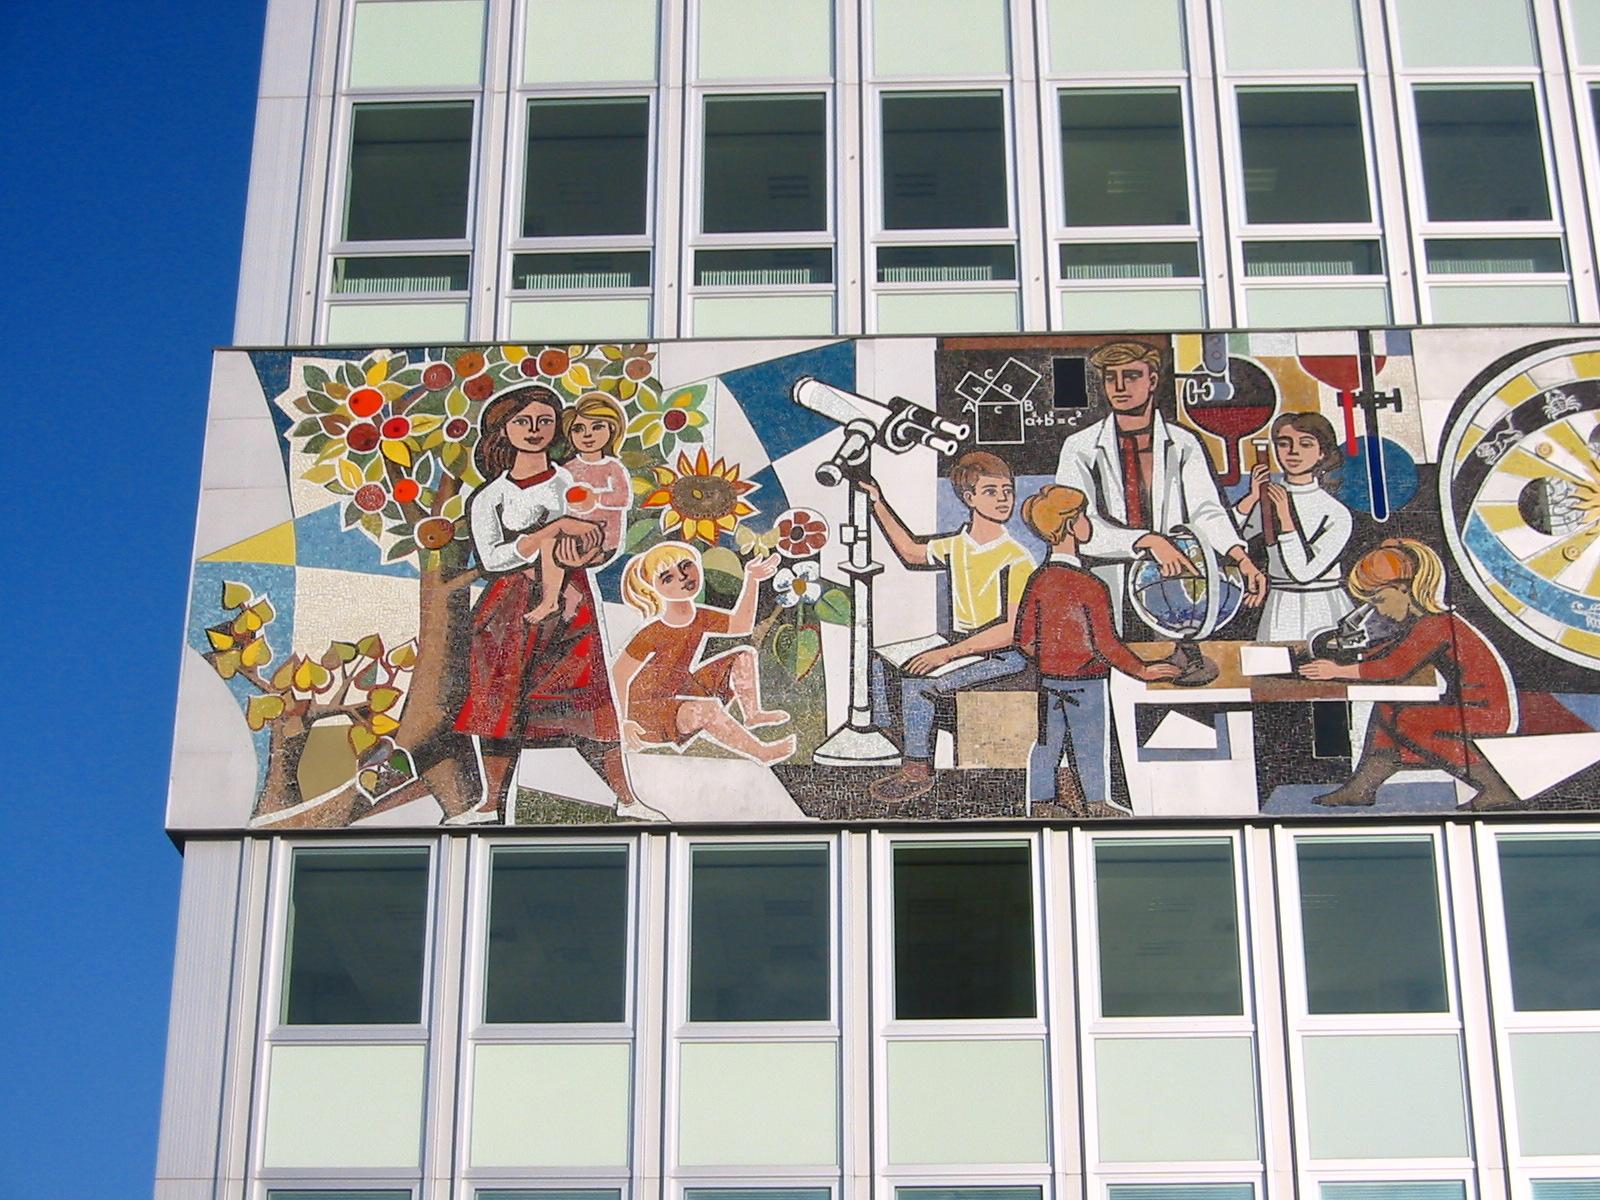 Mosaik Berlin images